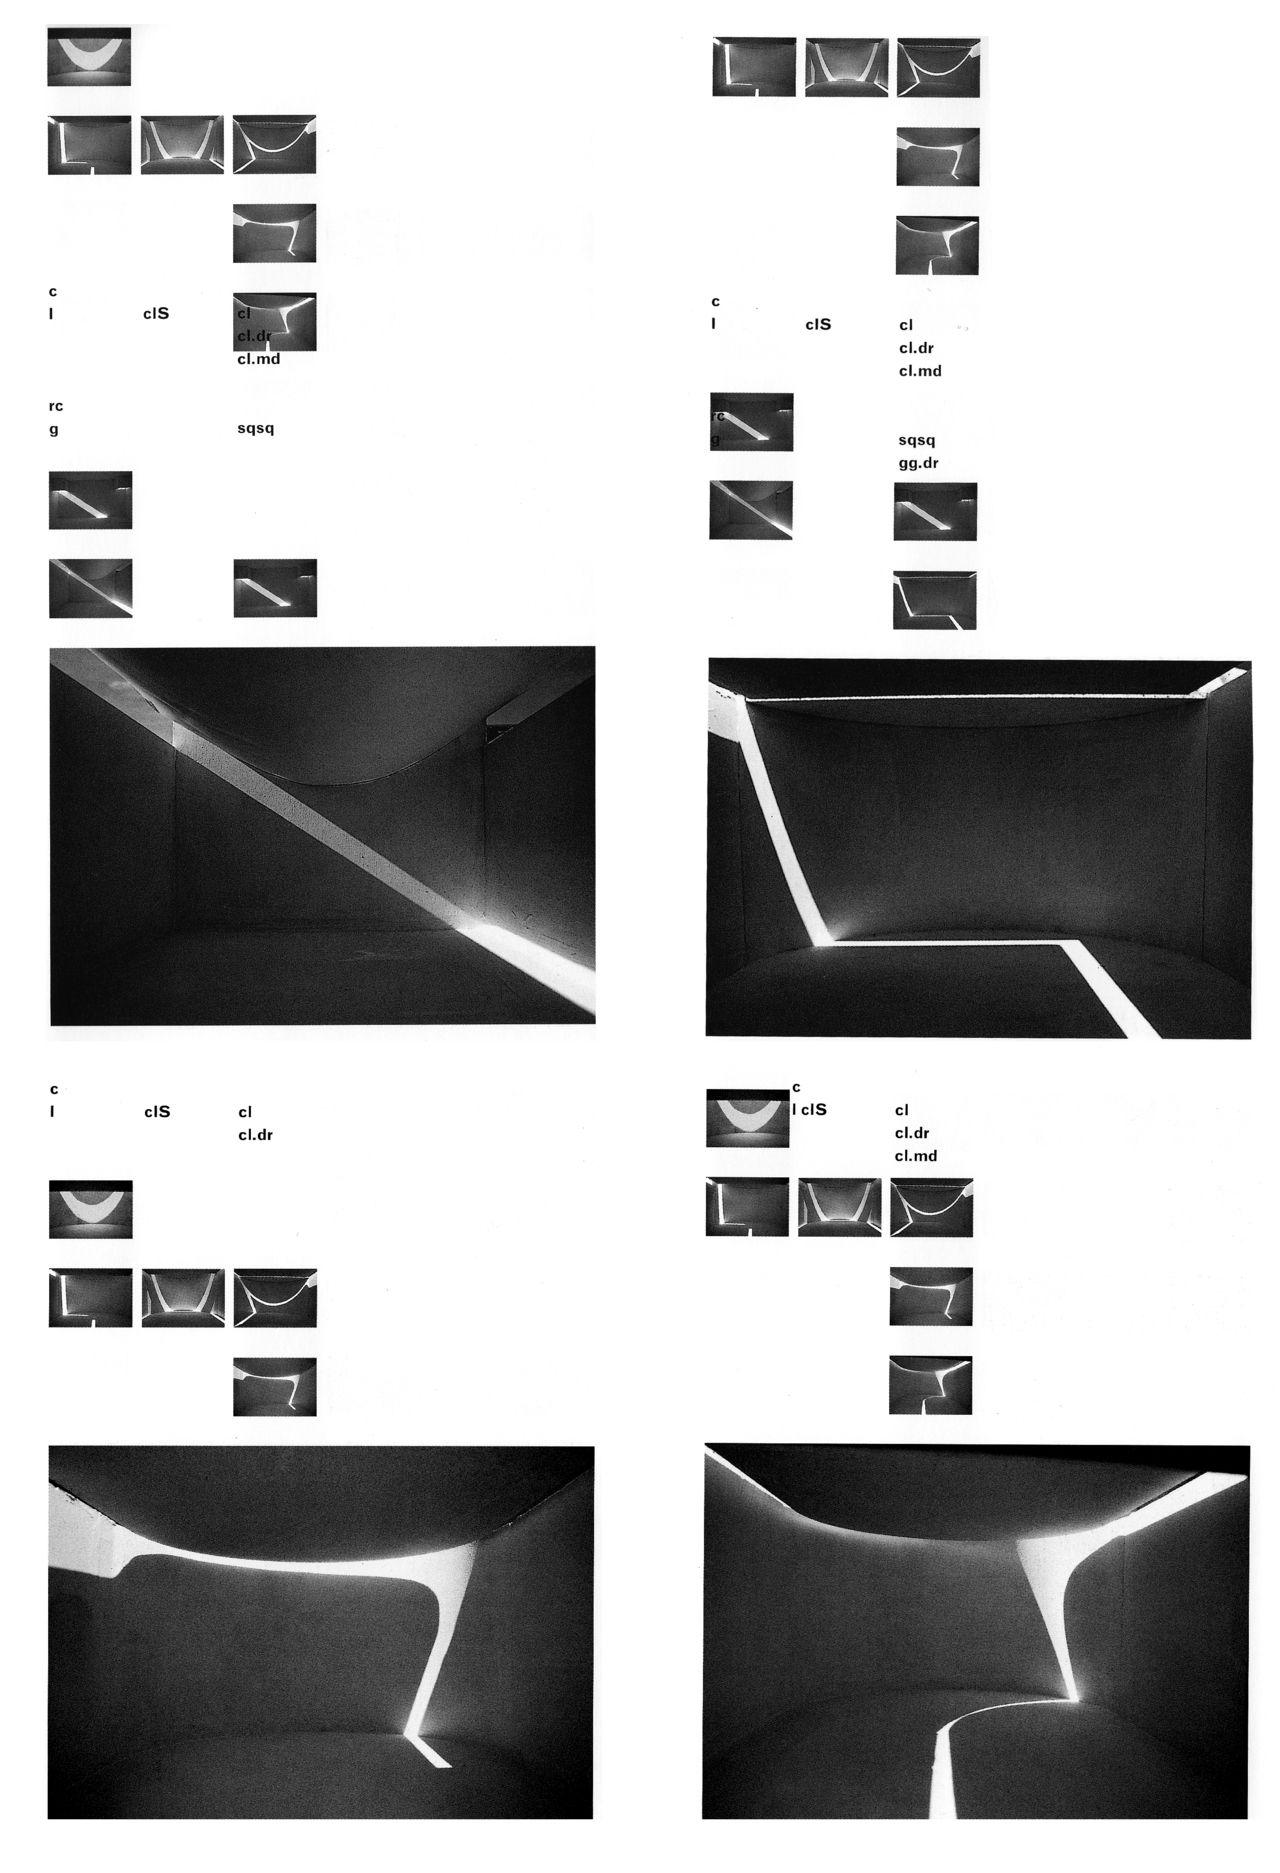 Steven Holl Light Studies